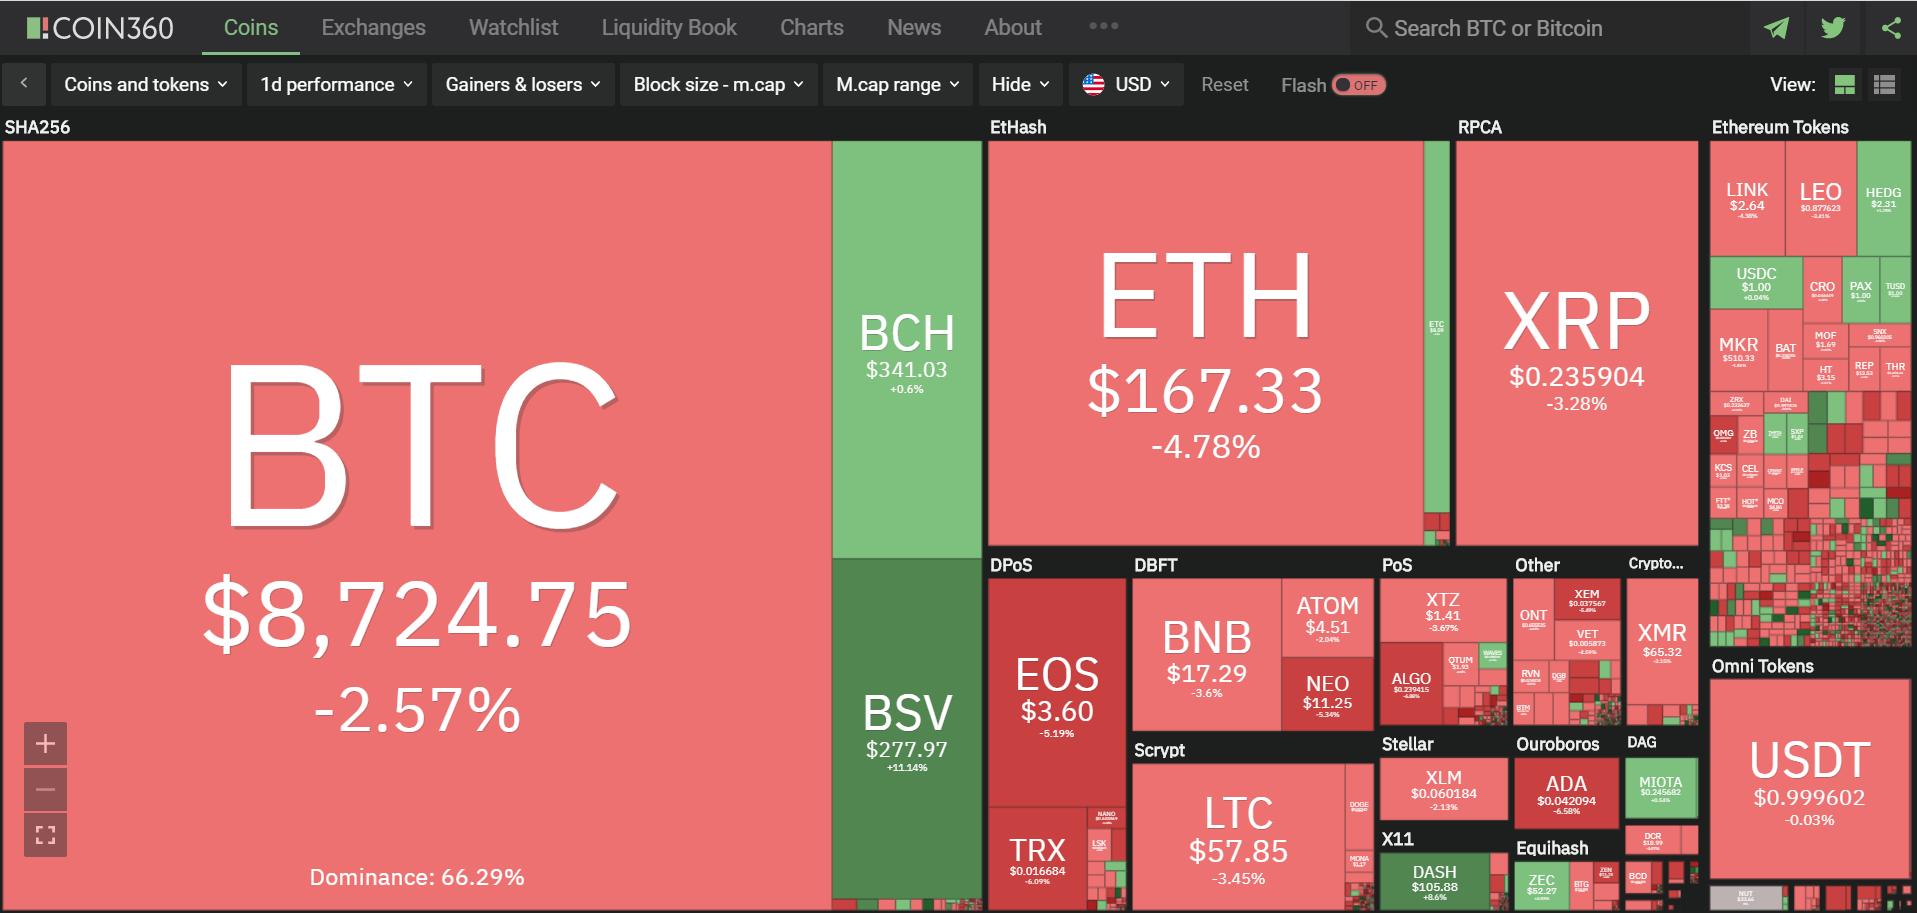 Toàn cảnh thị trường tiền kĩ thuật số hôm nay (20/1) (Nguồn: Coin360.com)